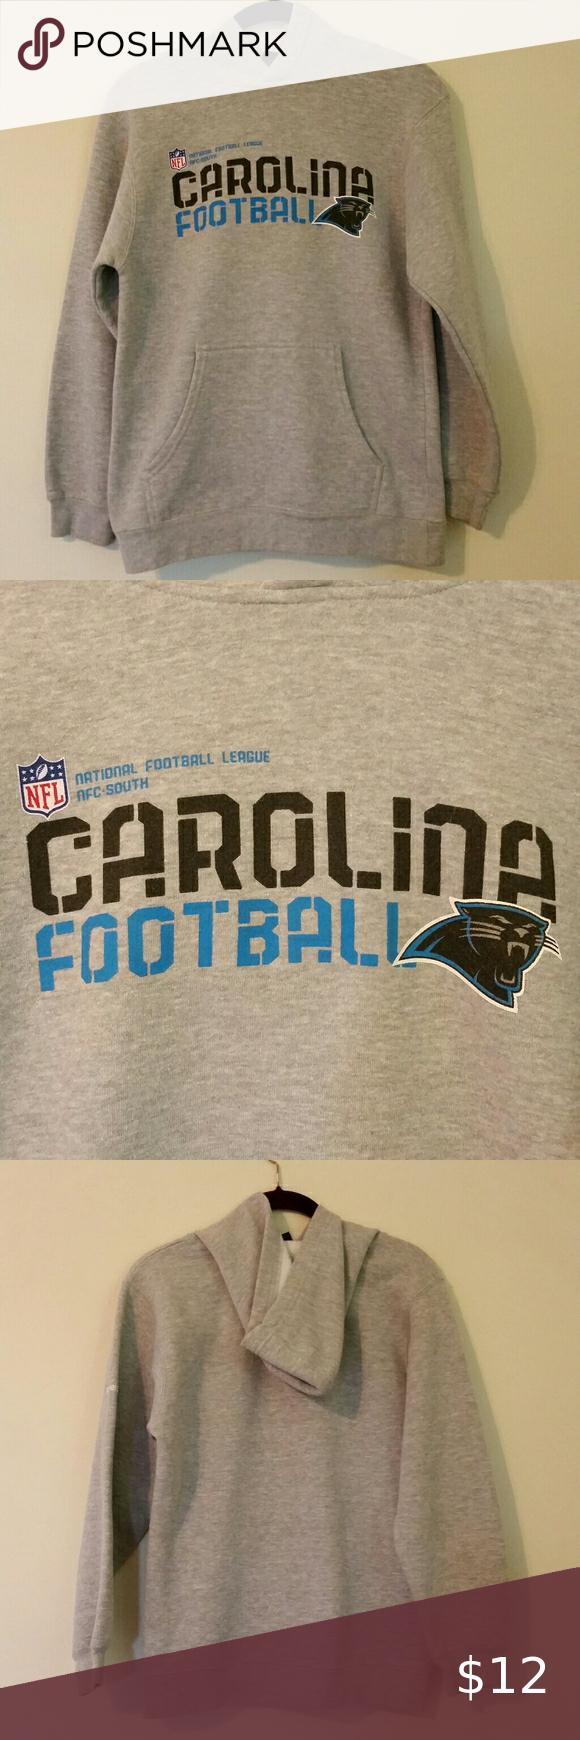 Nfl Reebok Panthers Hoodie In 2020 Nfl Shirts Sweatshirts Hoodie Top Shirt